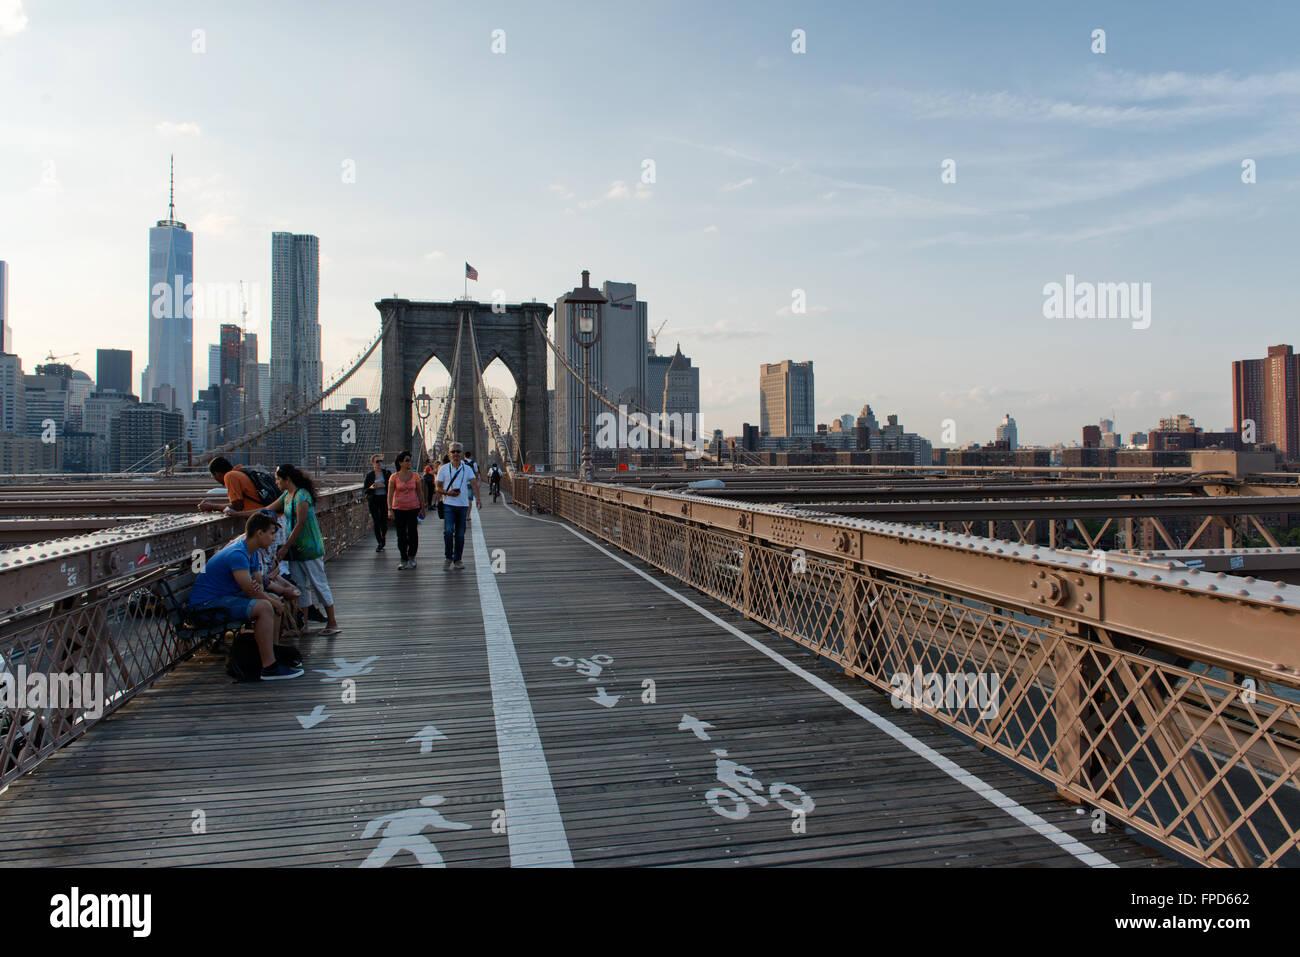 People Walking Across Brooklyn Bridge In The Pedestrian Lane In